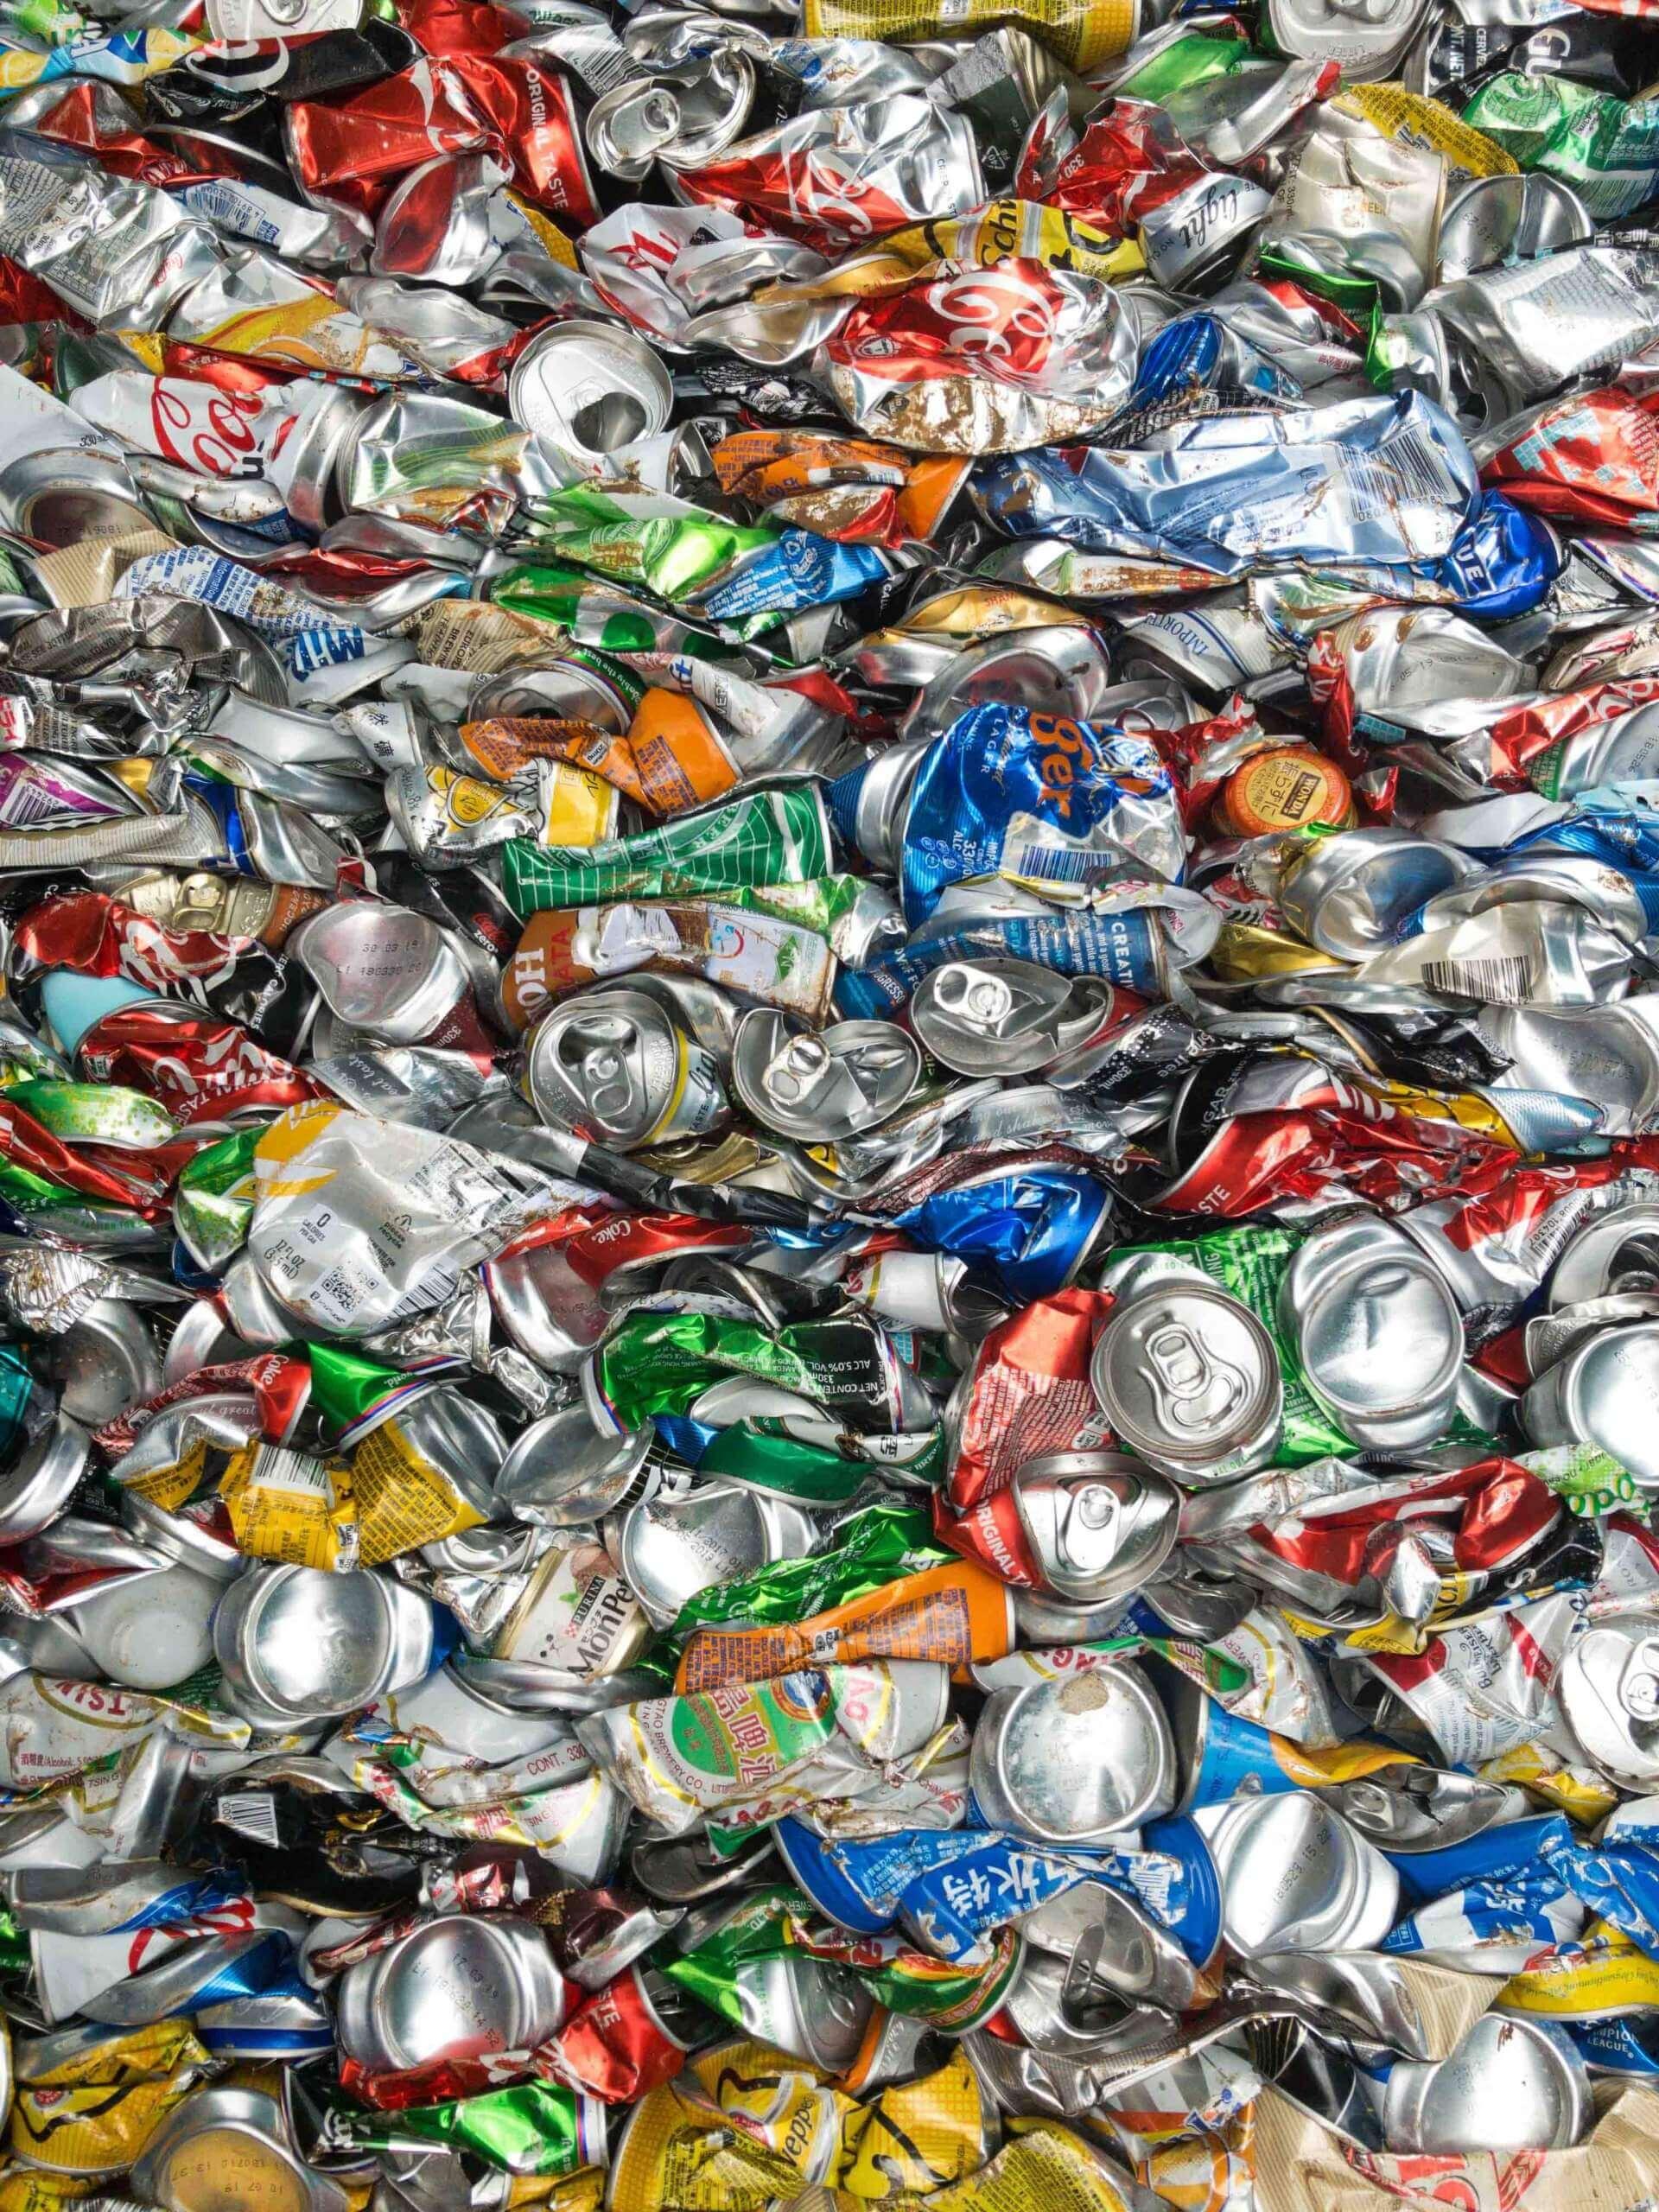 Komprimierte Aluminiumdosen zur Wiederverwertung